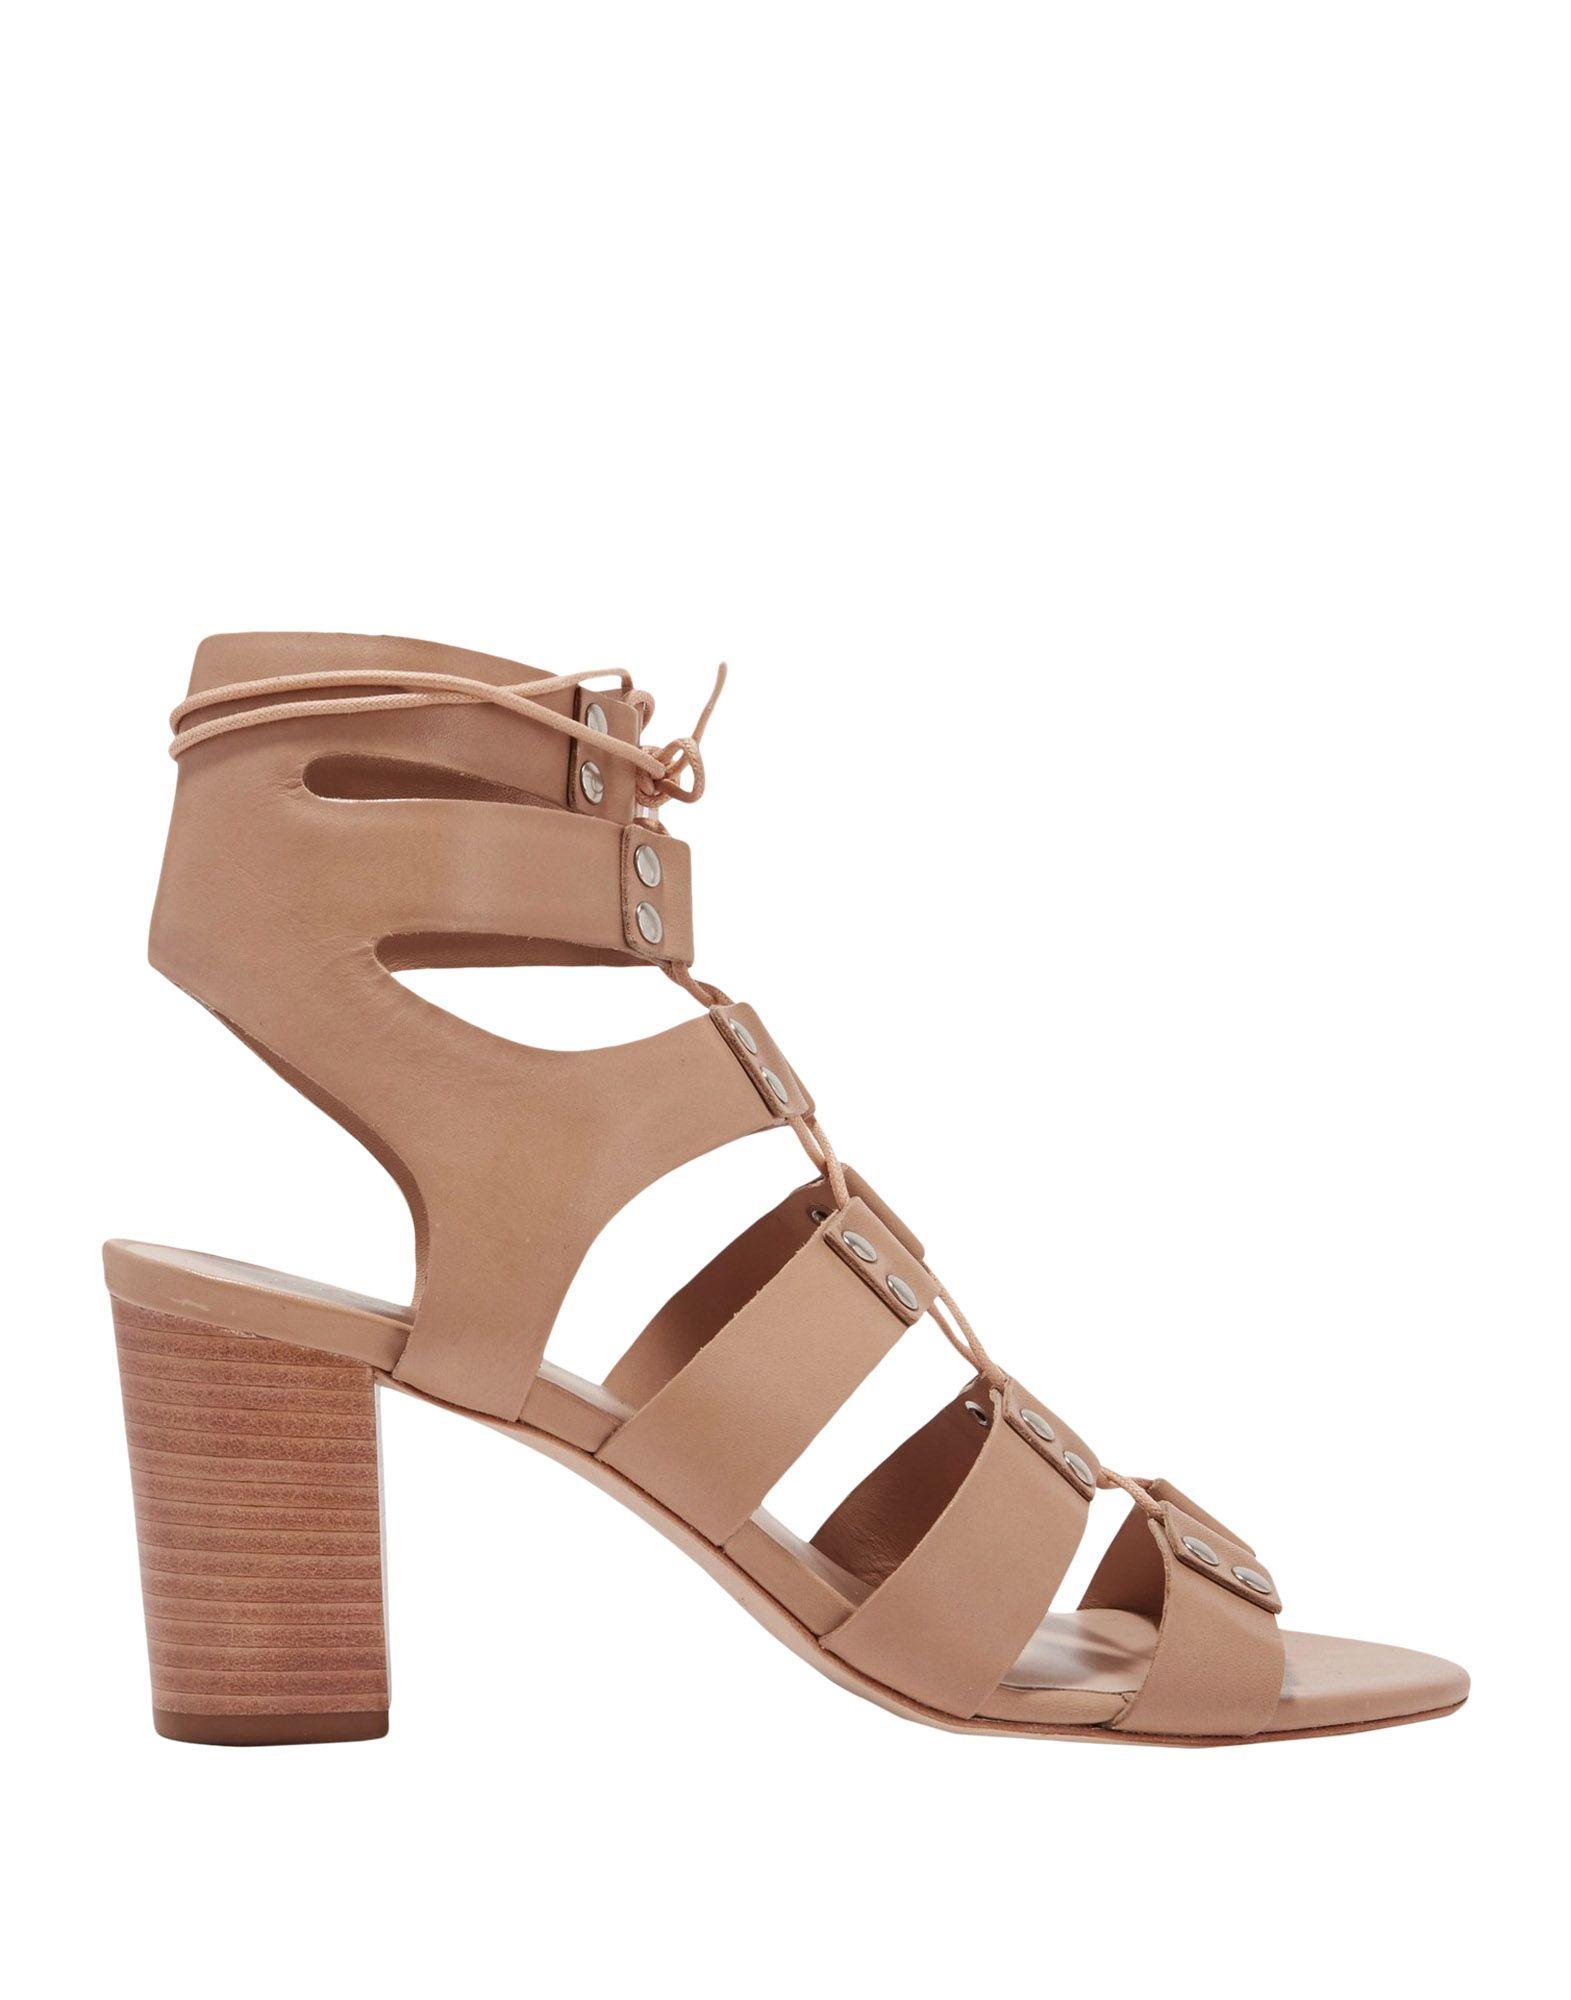 Loeffler Randall Sandalen Damen  11429796OQ Neue Schuhe Schuhe Schuhe 1a413a